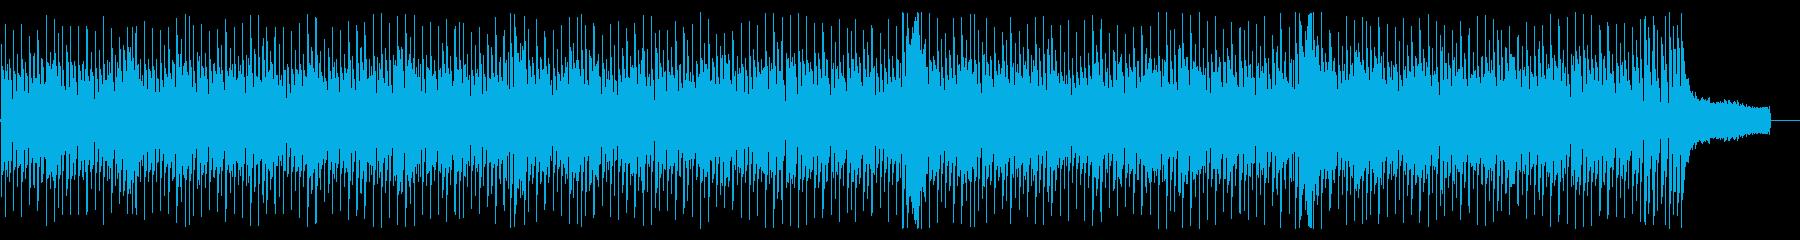 ブルース進行に則った電子音楽の再生済みの波形